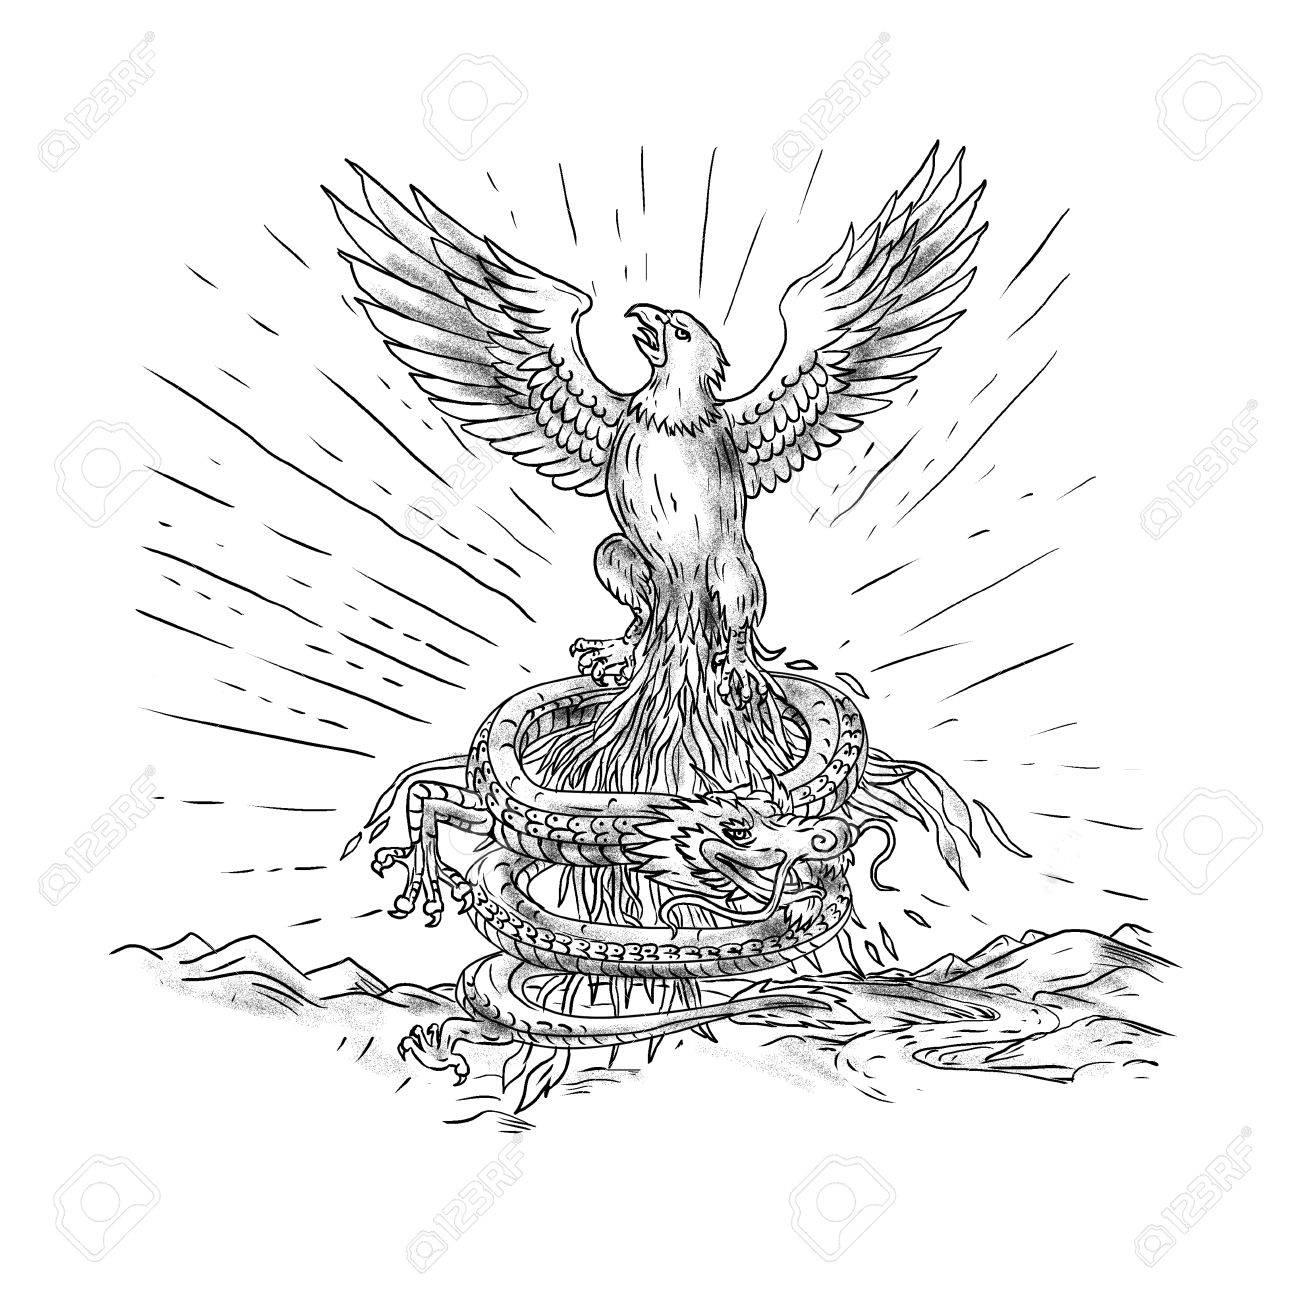 Illustration De Style Tatouage De Et Aigle S élevant Comme Un Phénix Avec Dragon Enroulement Ci Dessous Avec Des Montagnes En Arrière Plan